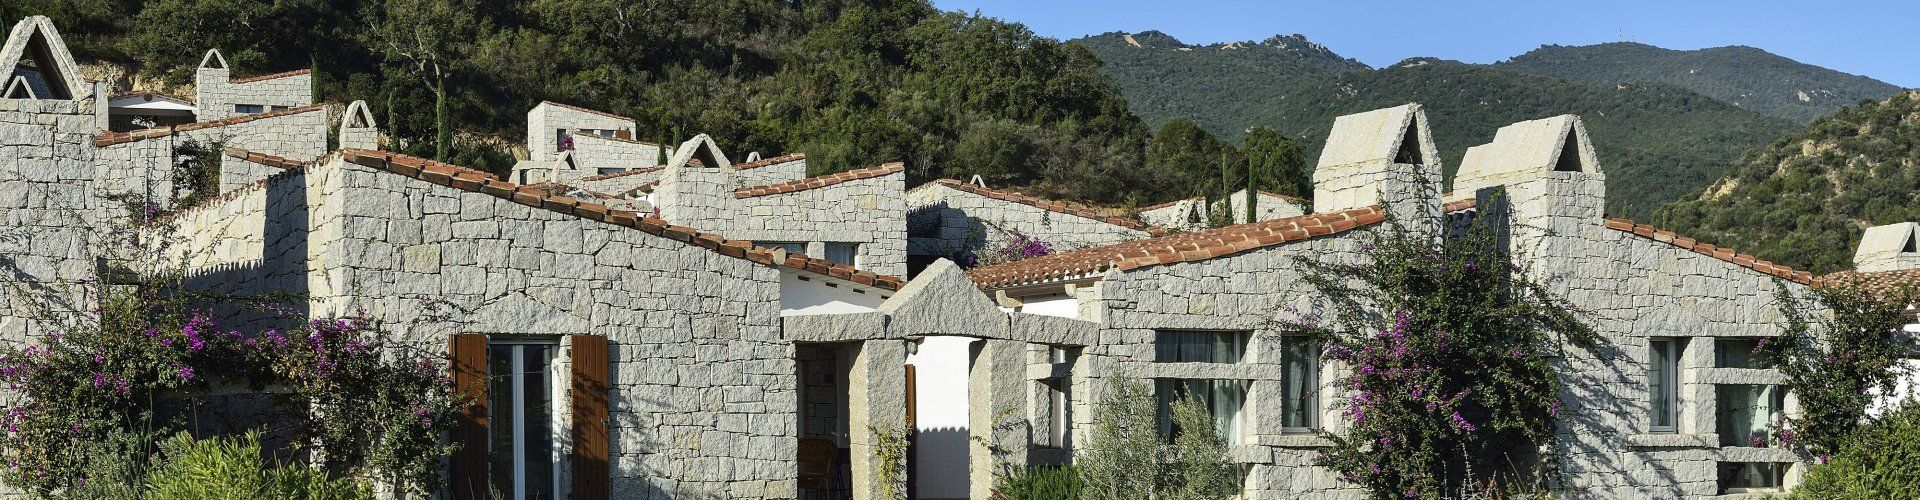 Ferienhaus mit kleinem Garten und Gemeinschaftspool in Südost Sardinien